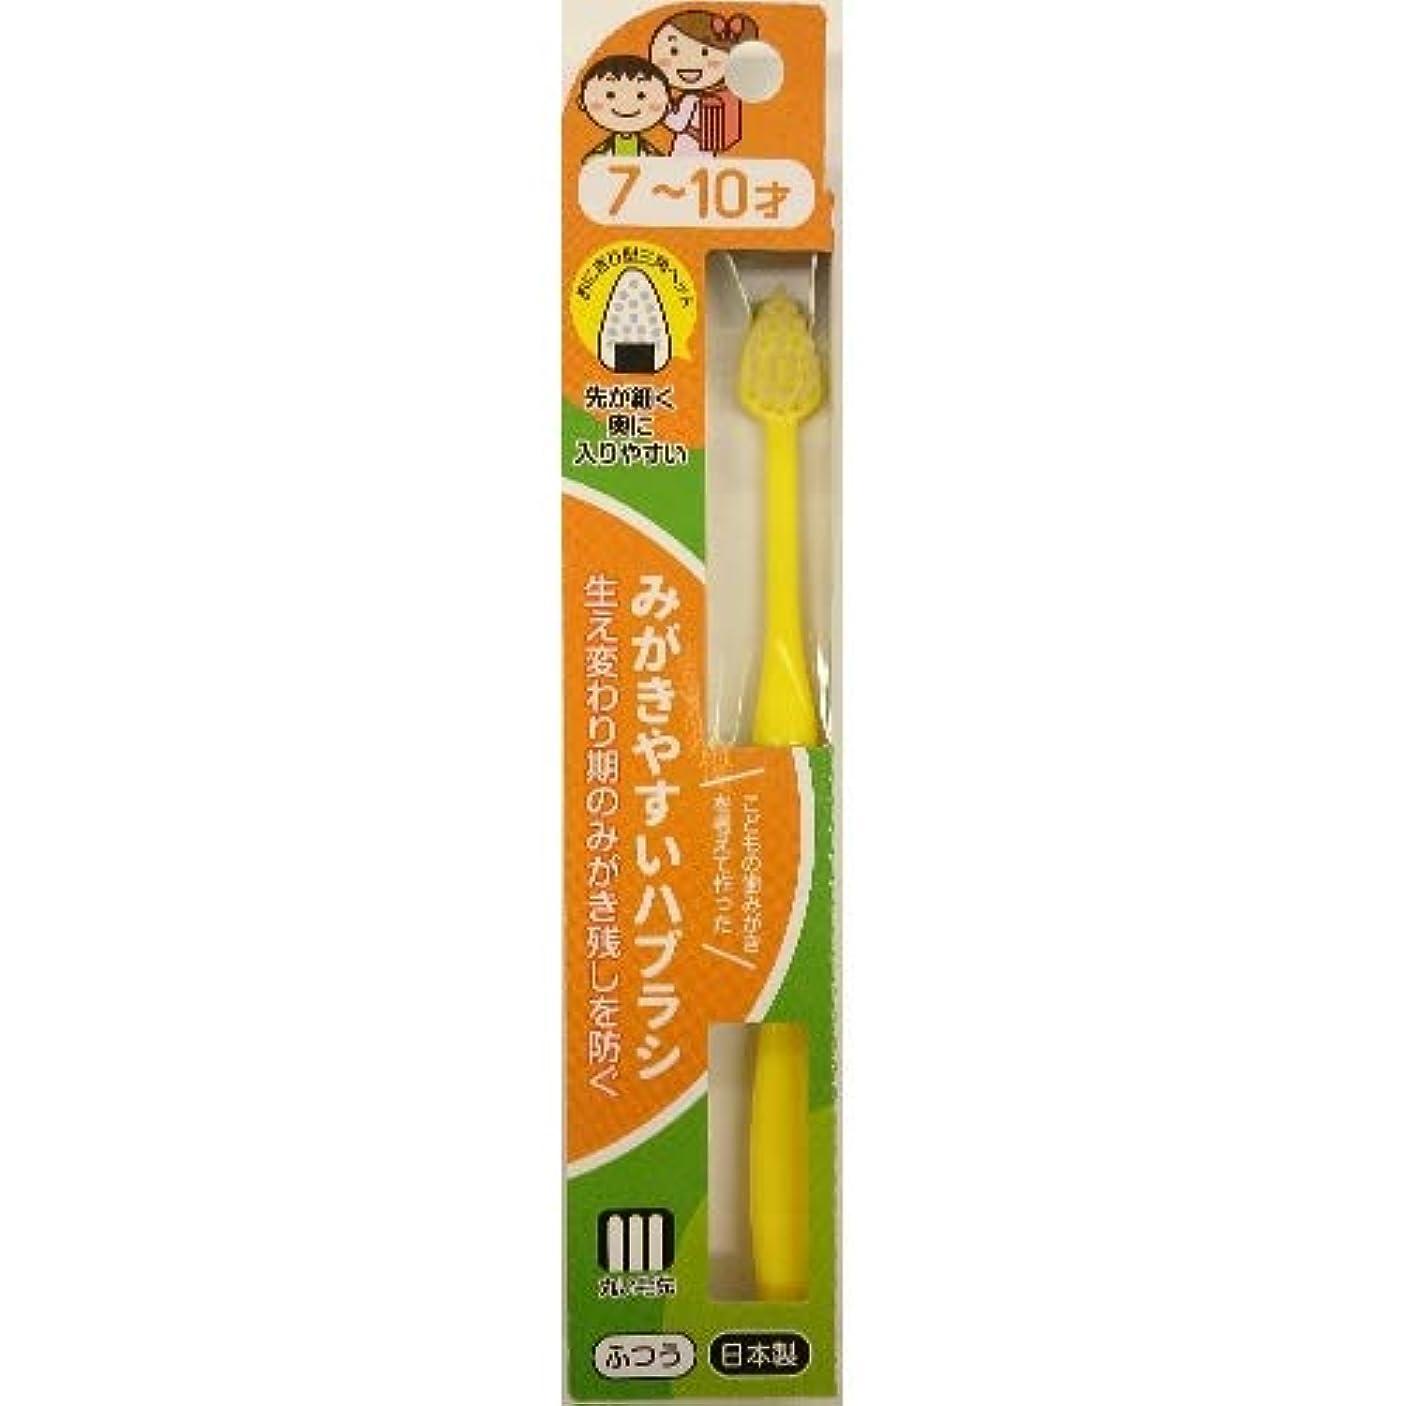 幸福芝生最小化するライフレンジ LT-39 みがきやすいハブラシ 7~10才 ふつう 1本入